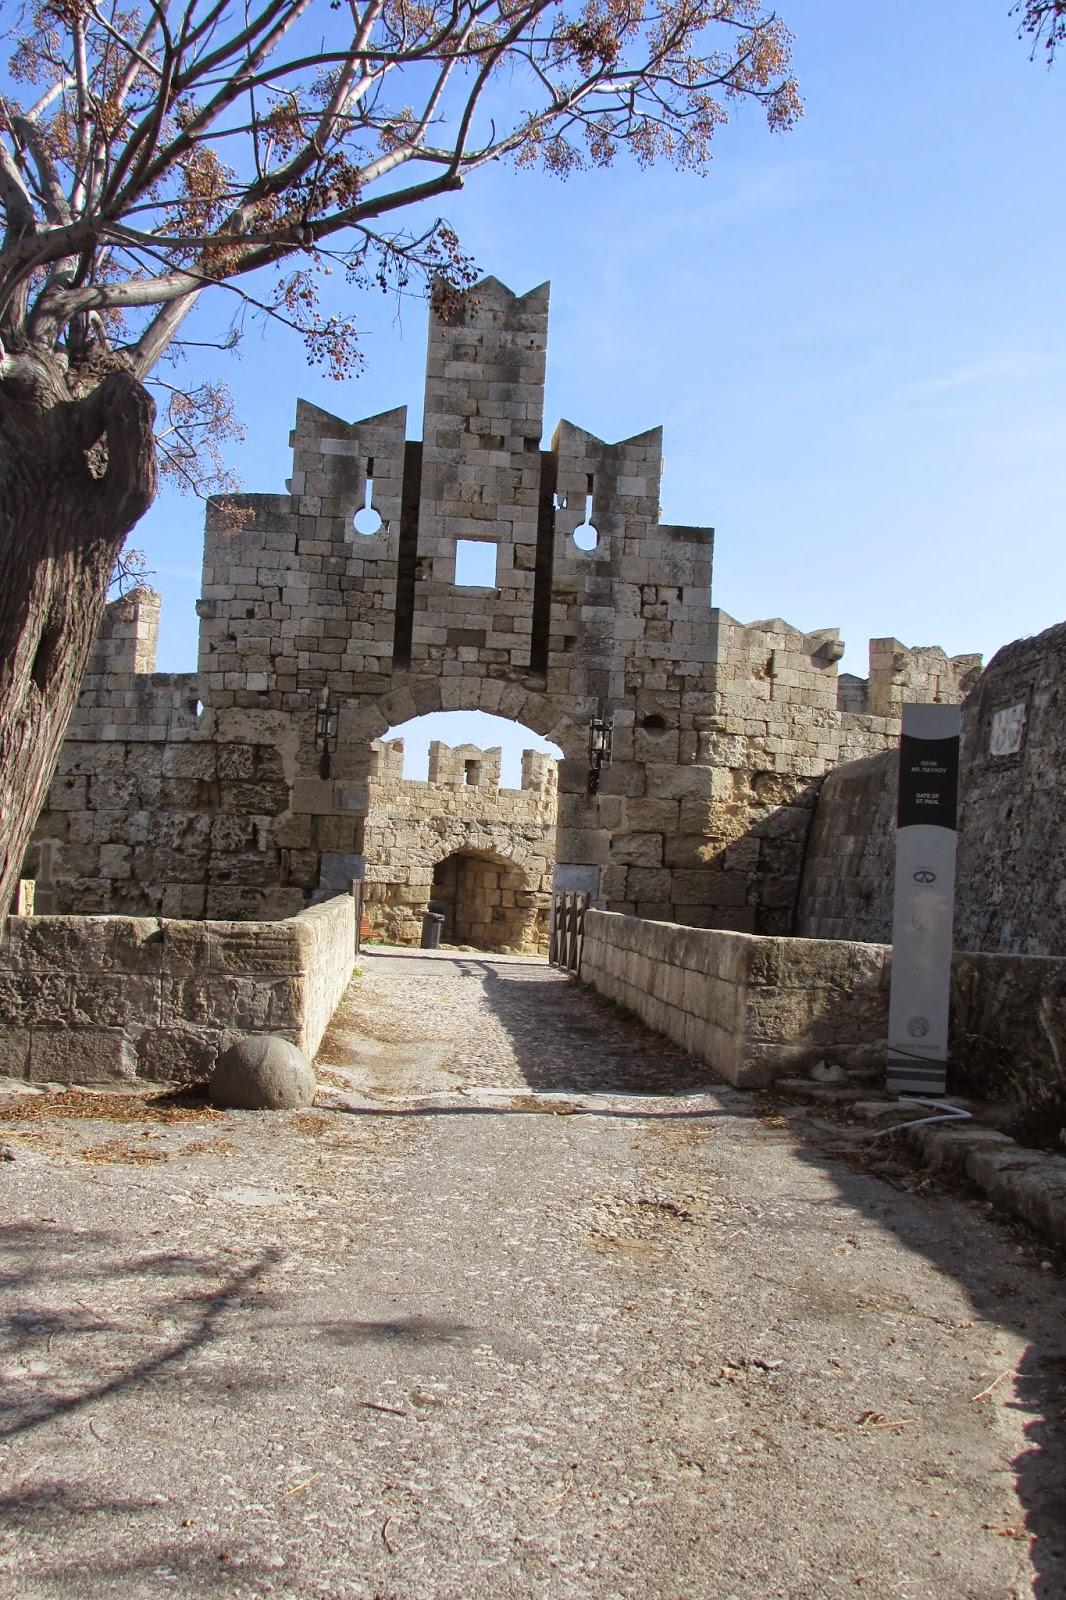 bramy Starego Miasta - Brama apostoła Pawła